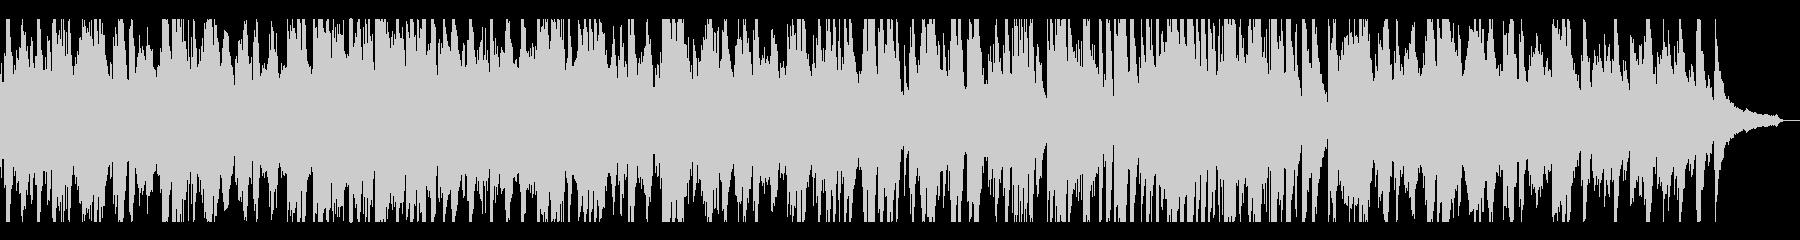 夜のひと時に~ピアノ×サックスのバラードの未再生の波形